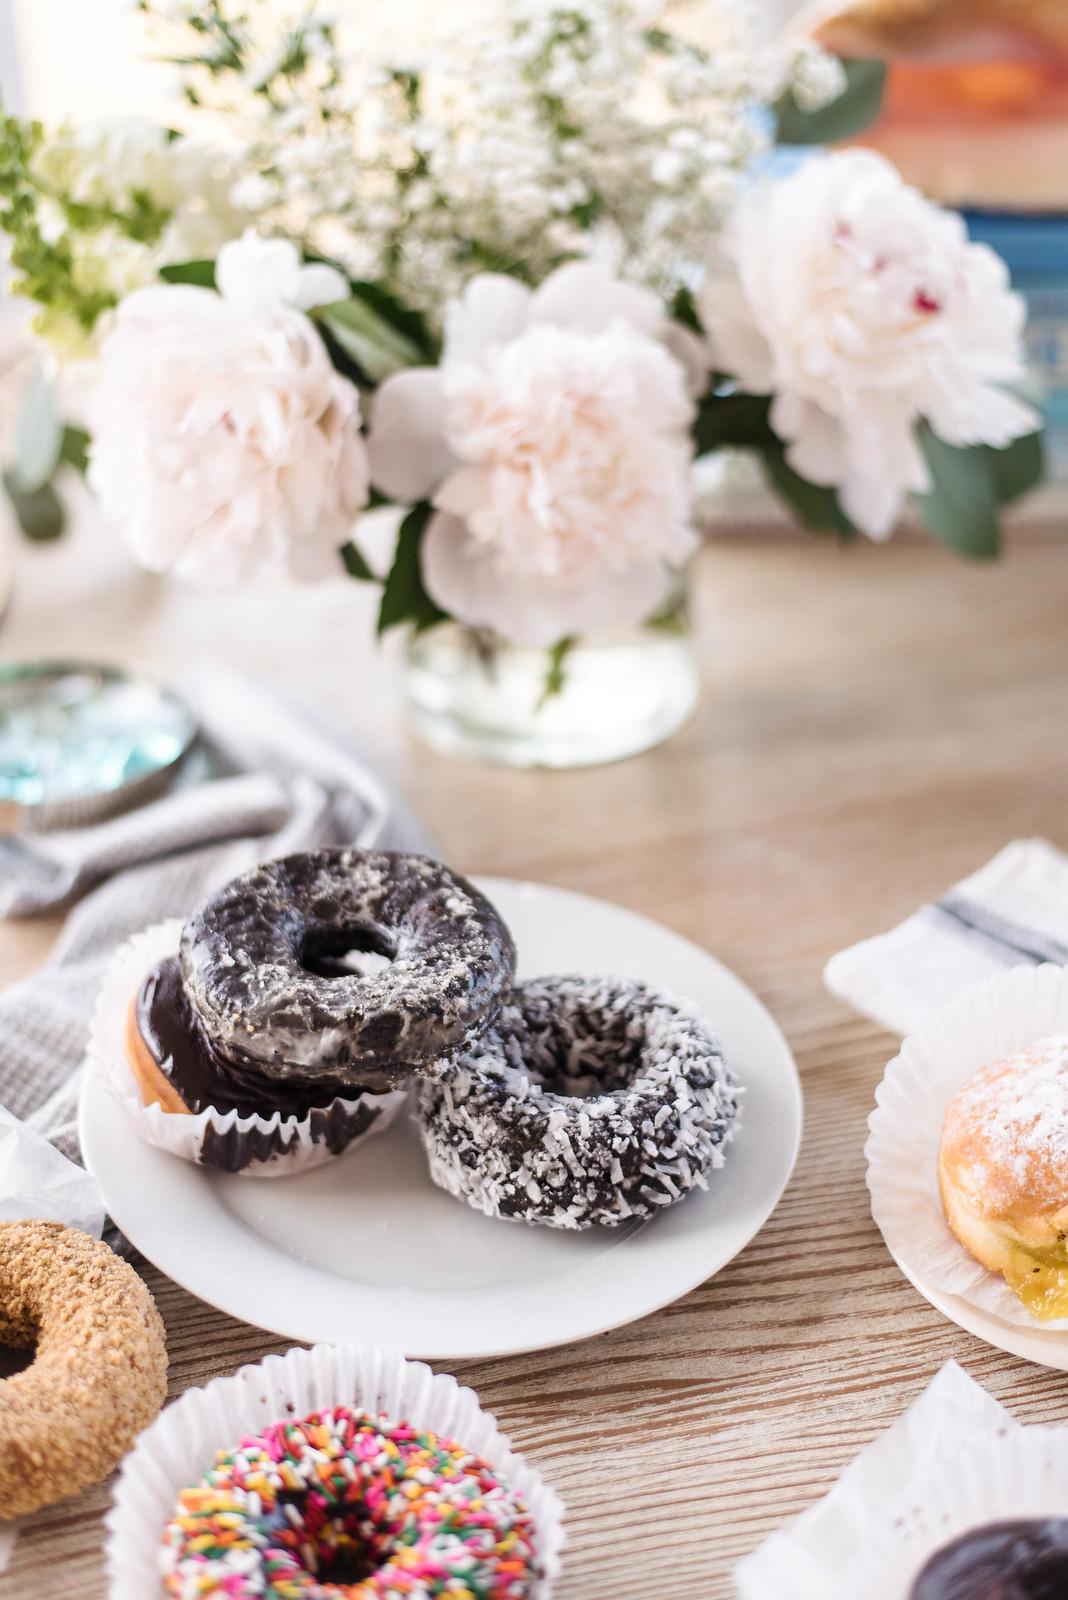 Homemade donuts on http://juliettelaura.blogspot.com/